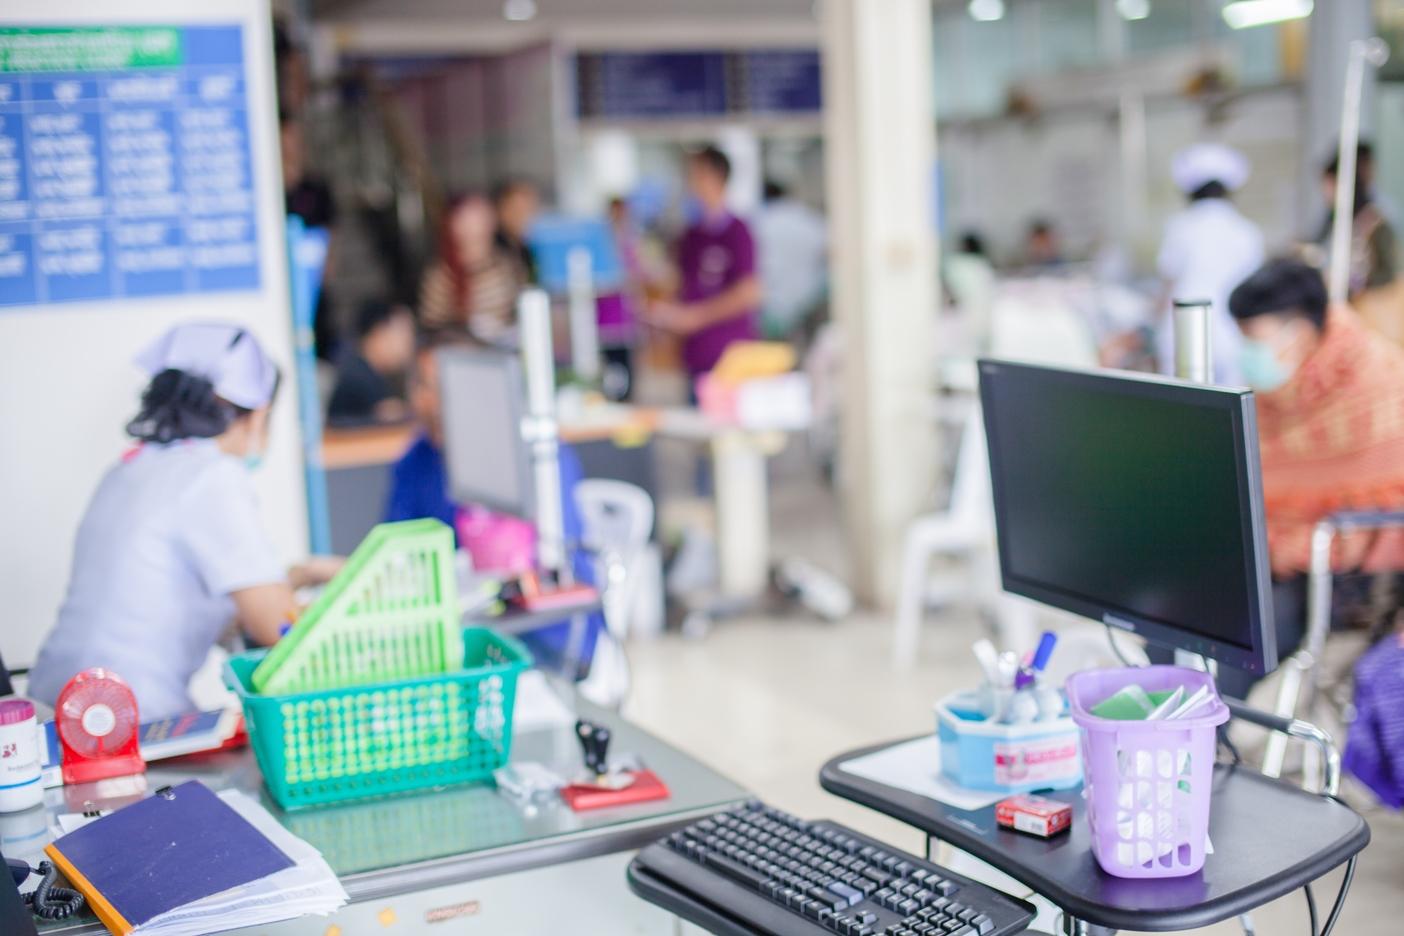 Bulanık bir resim içinde hastalar sırada bekliyor sağlık çalışanları hastalara destek veriyor.